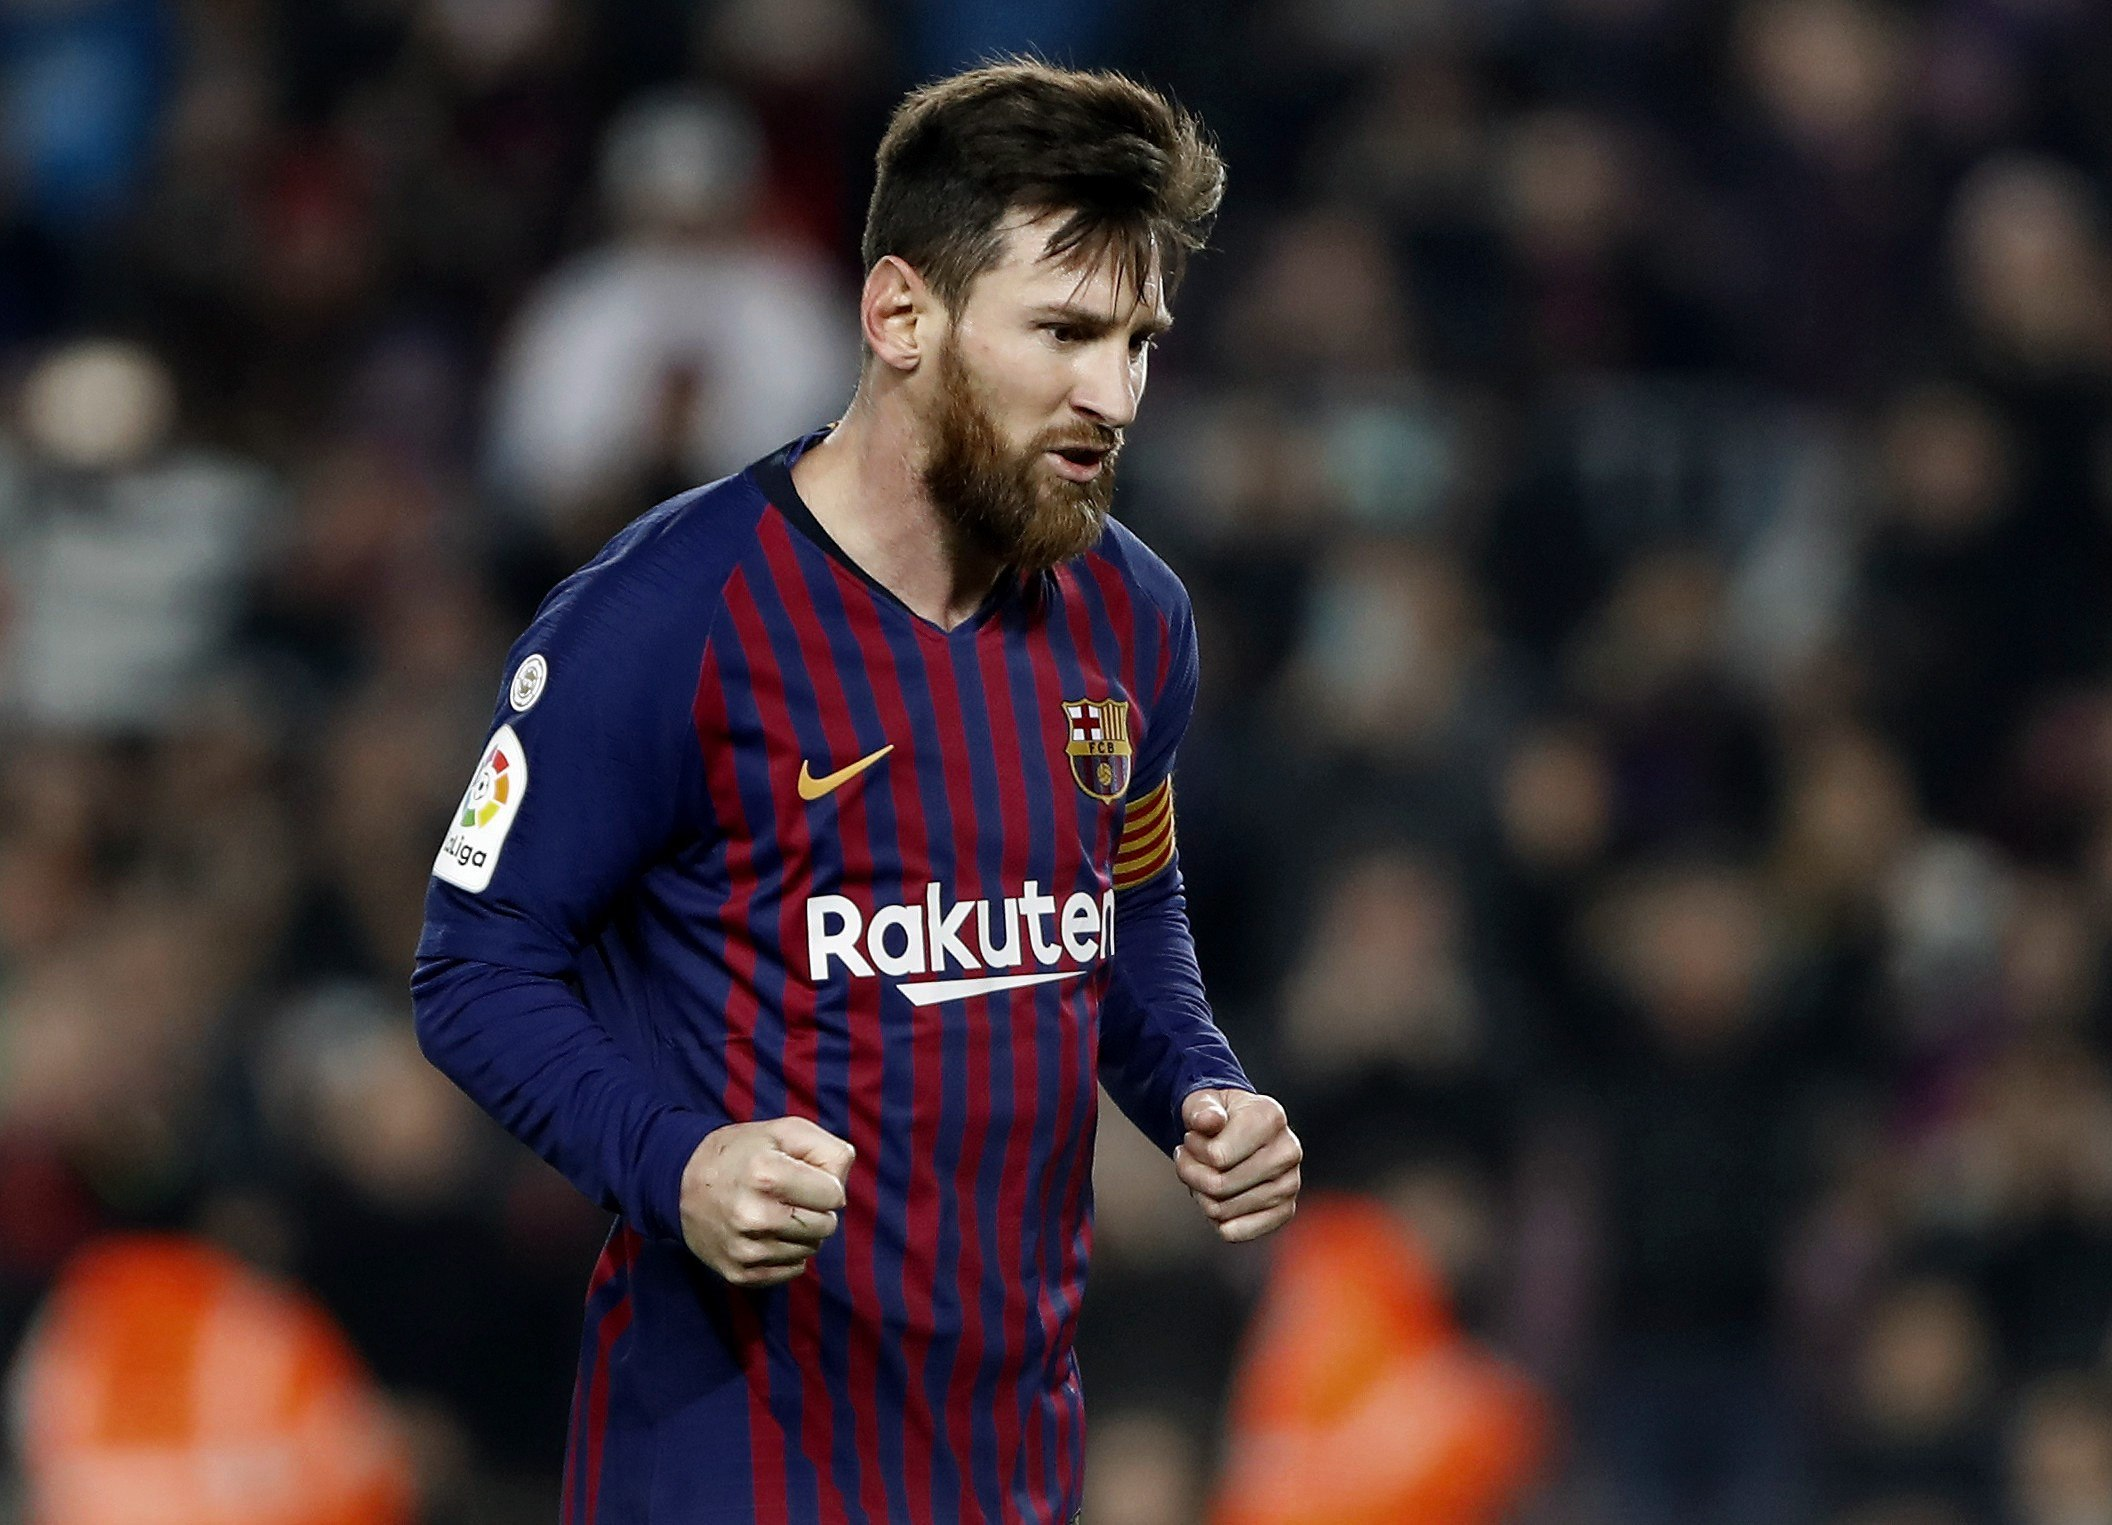 El Barça confía en Messi para volver a conquistar la Champions